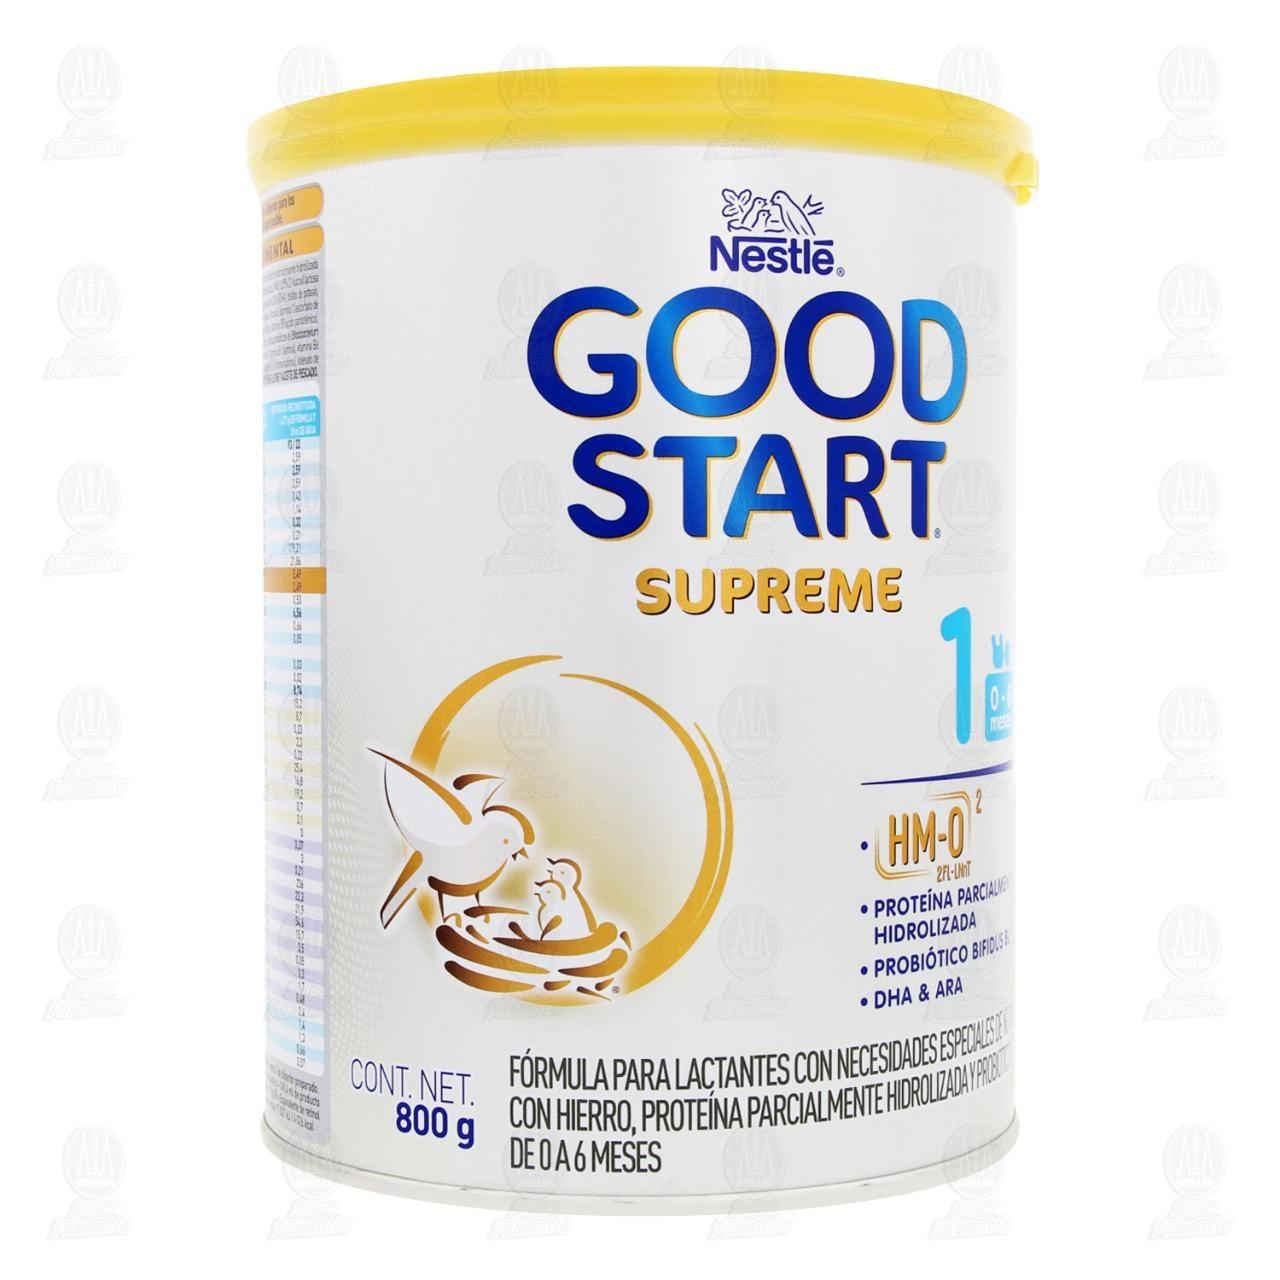 comprar https://www.movil.farmaciasguadalajara.com/wcsstore/FGCAS/wcs/products/1297643_A_1280_AL.jpg en farmacias guadalajara